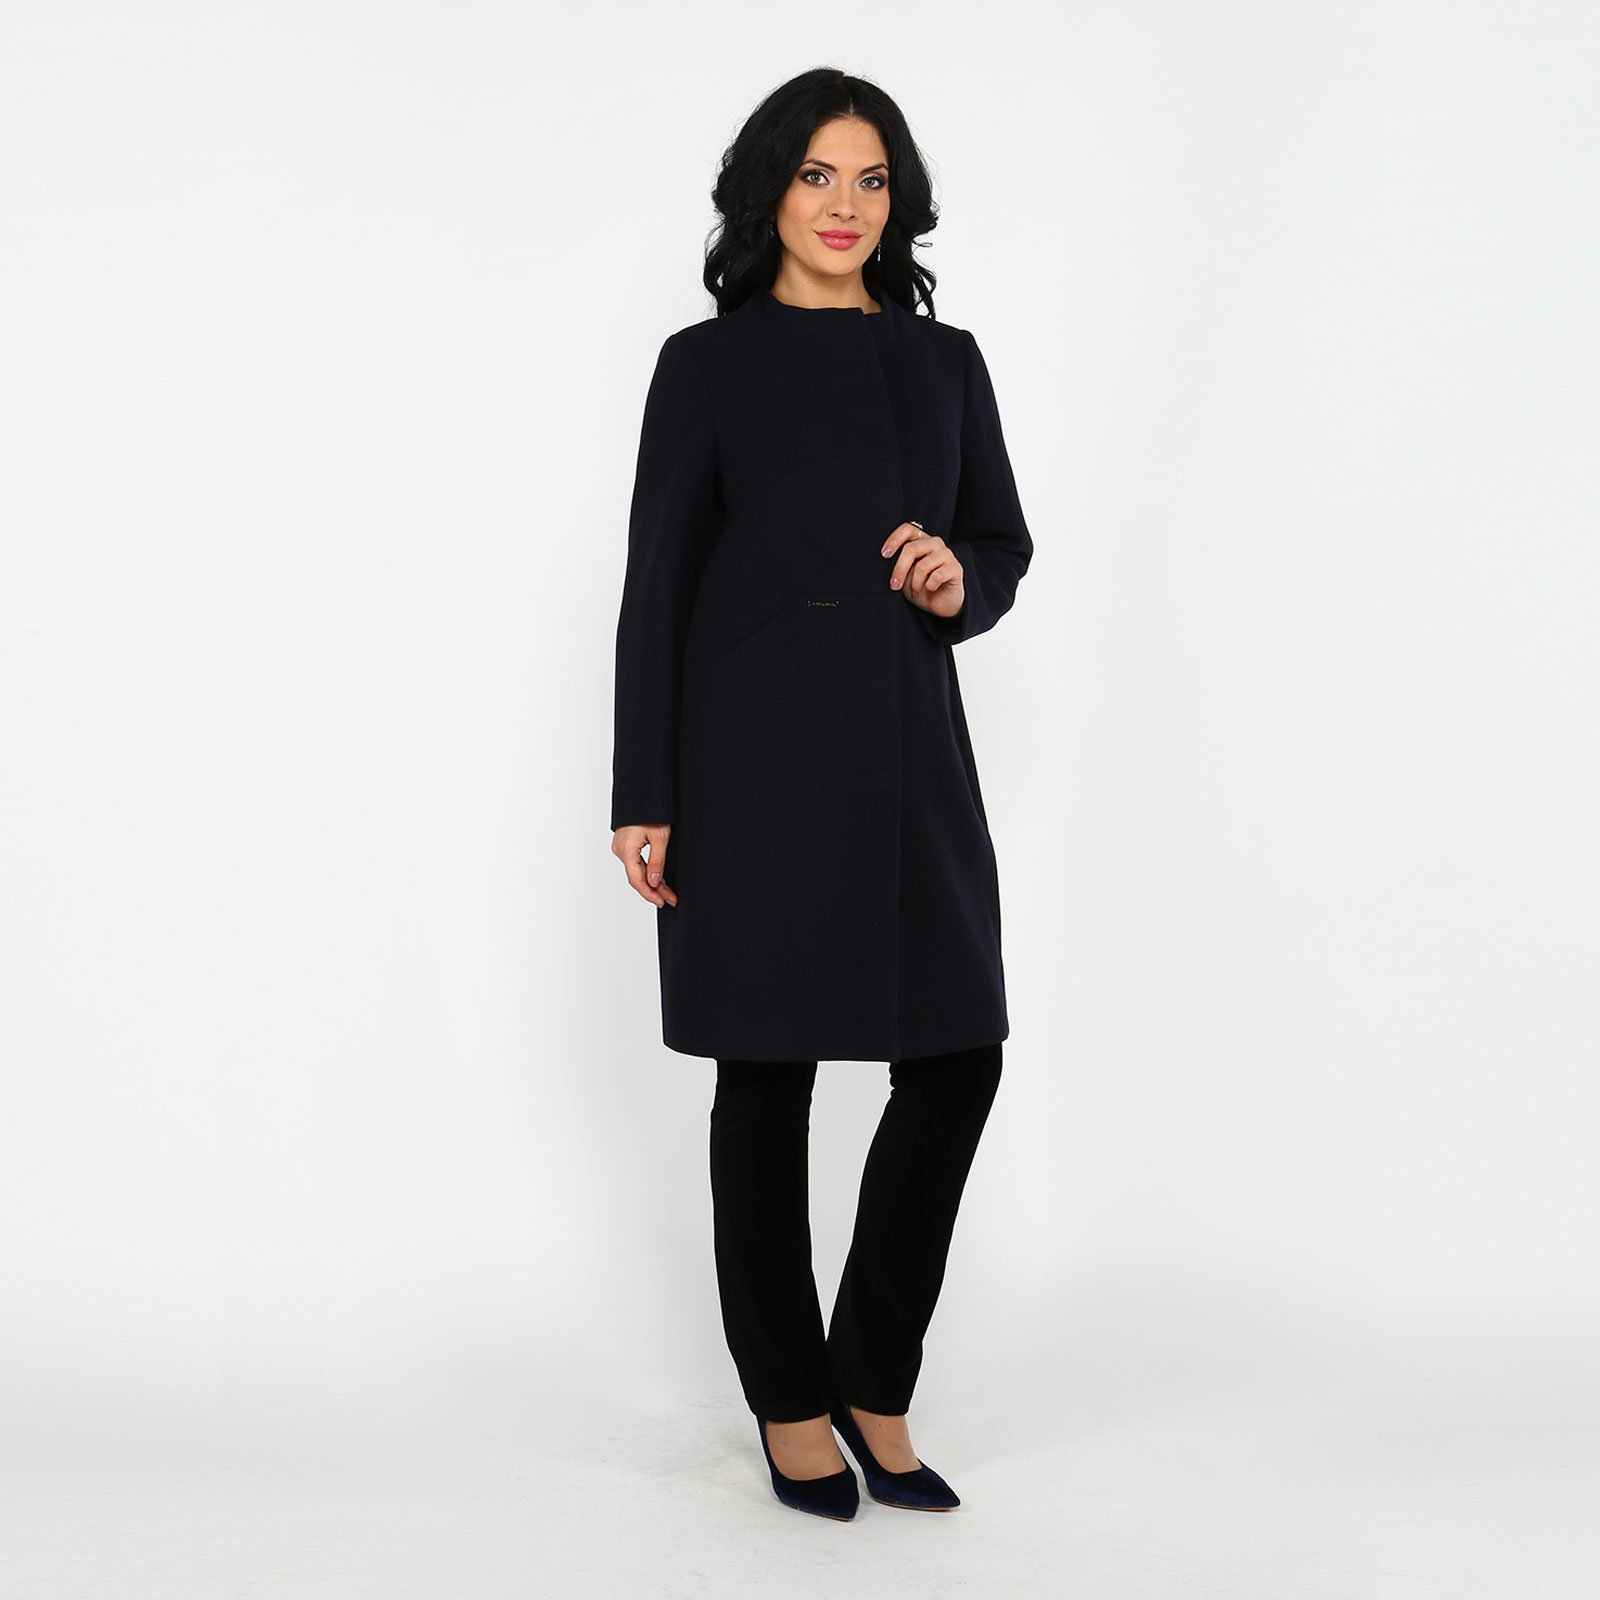 Пальто полуприлегающего силуэта с карманами